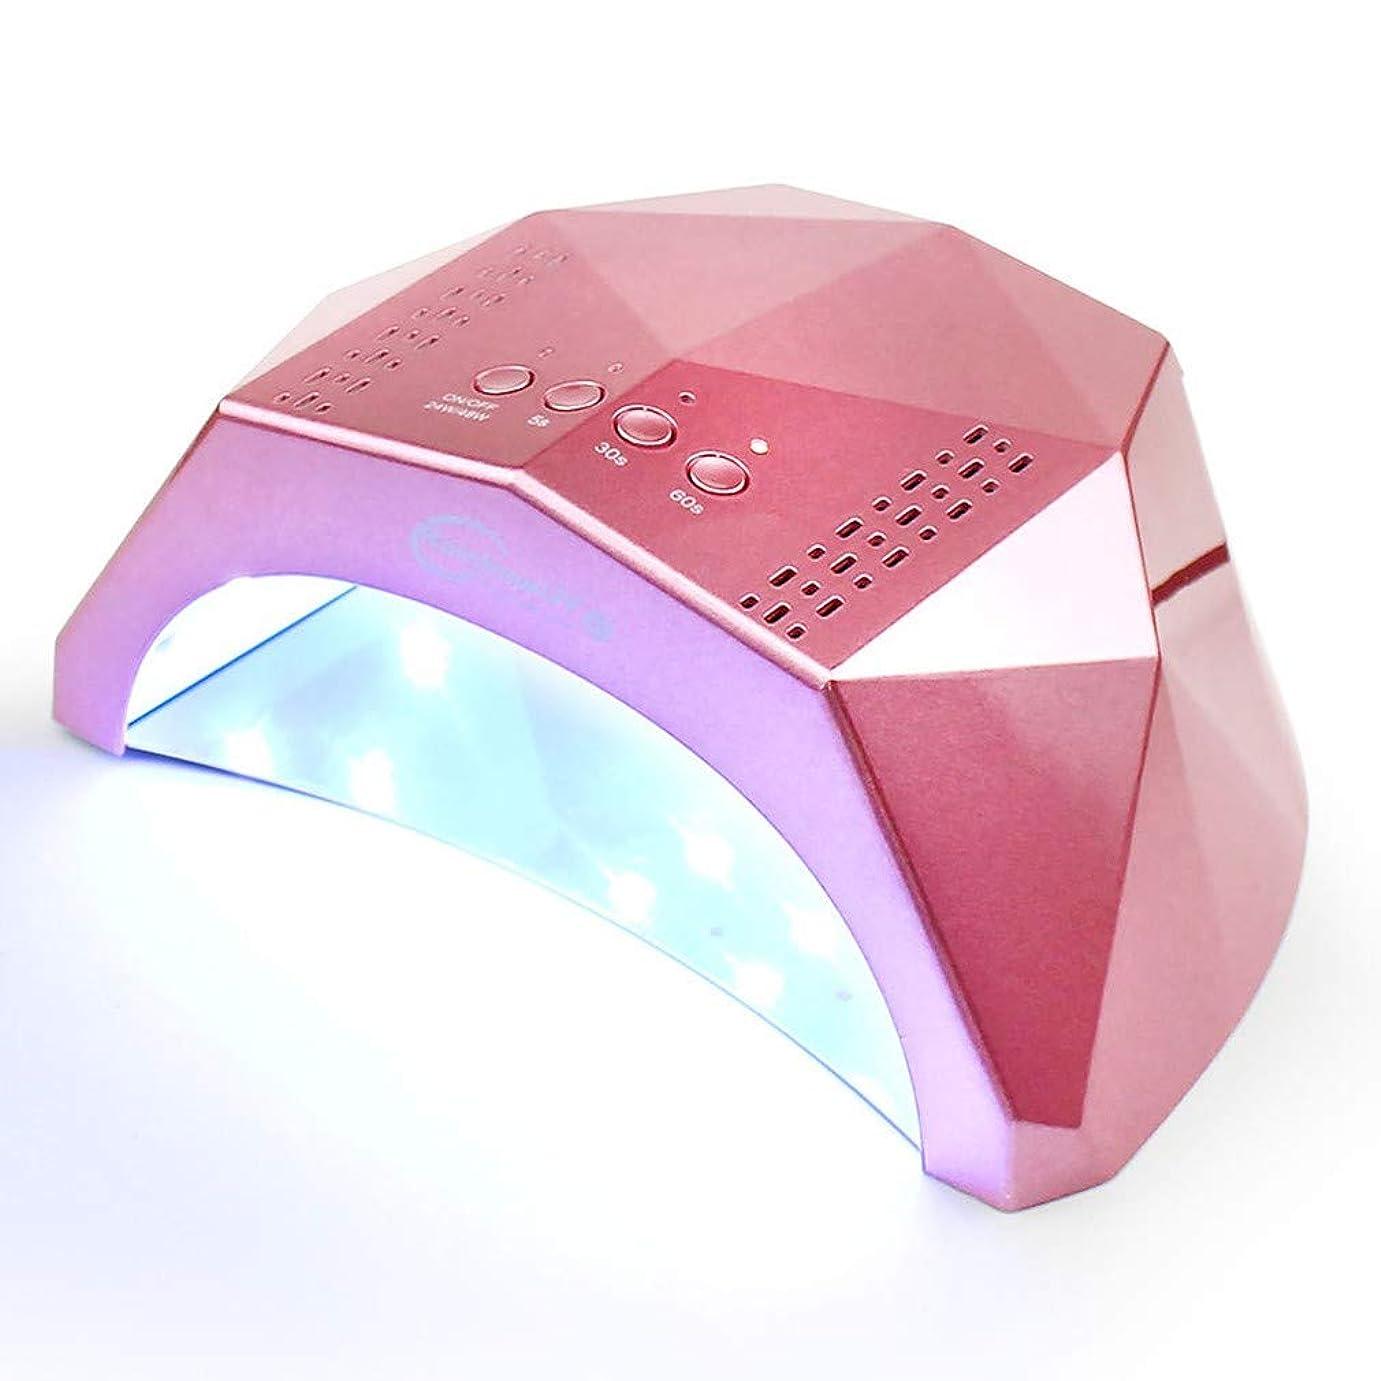 地元クリスマスレンダーUV/LEDネイルライト、ポータブルネイルドライヤー、24W / 48Wスイッチ、3スピードタイミング、5秒速乾性、スマートセンサー、ブラックハンド(ピンク)